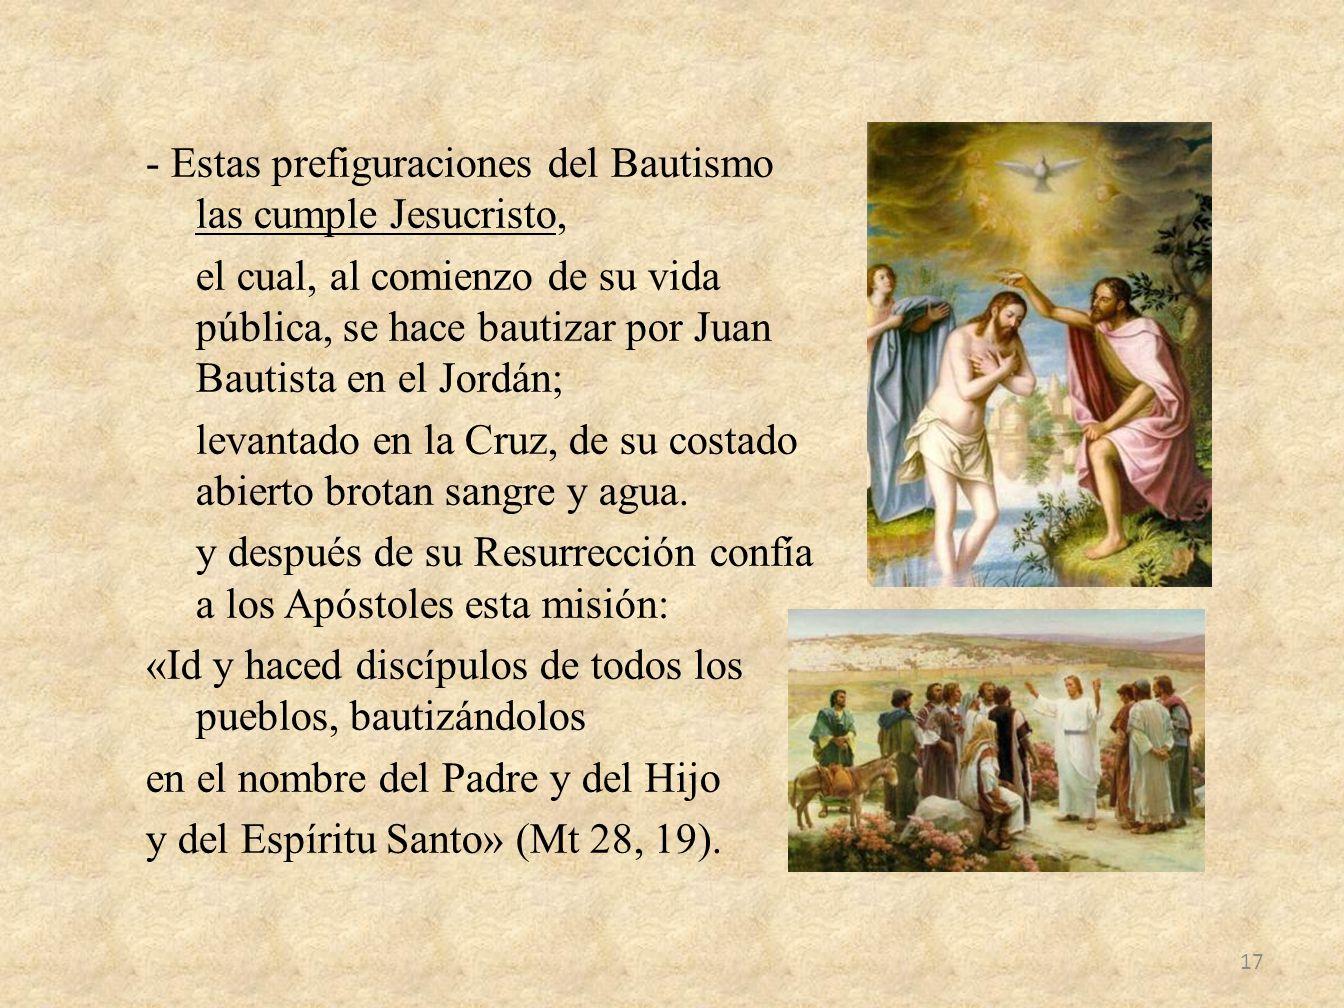 - Estas prefiguraciones del Bautismo las cumple Jesucristo, el cual, al comienzo de su vida pública, se hace bautizar por Juan Bautista en el Jordán;